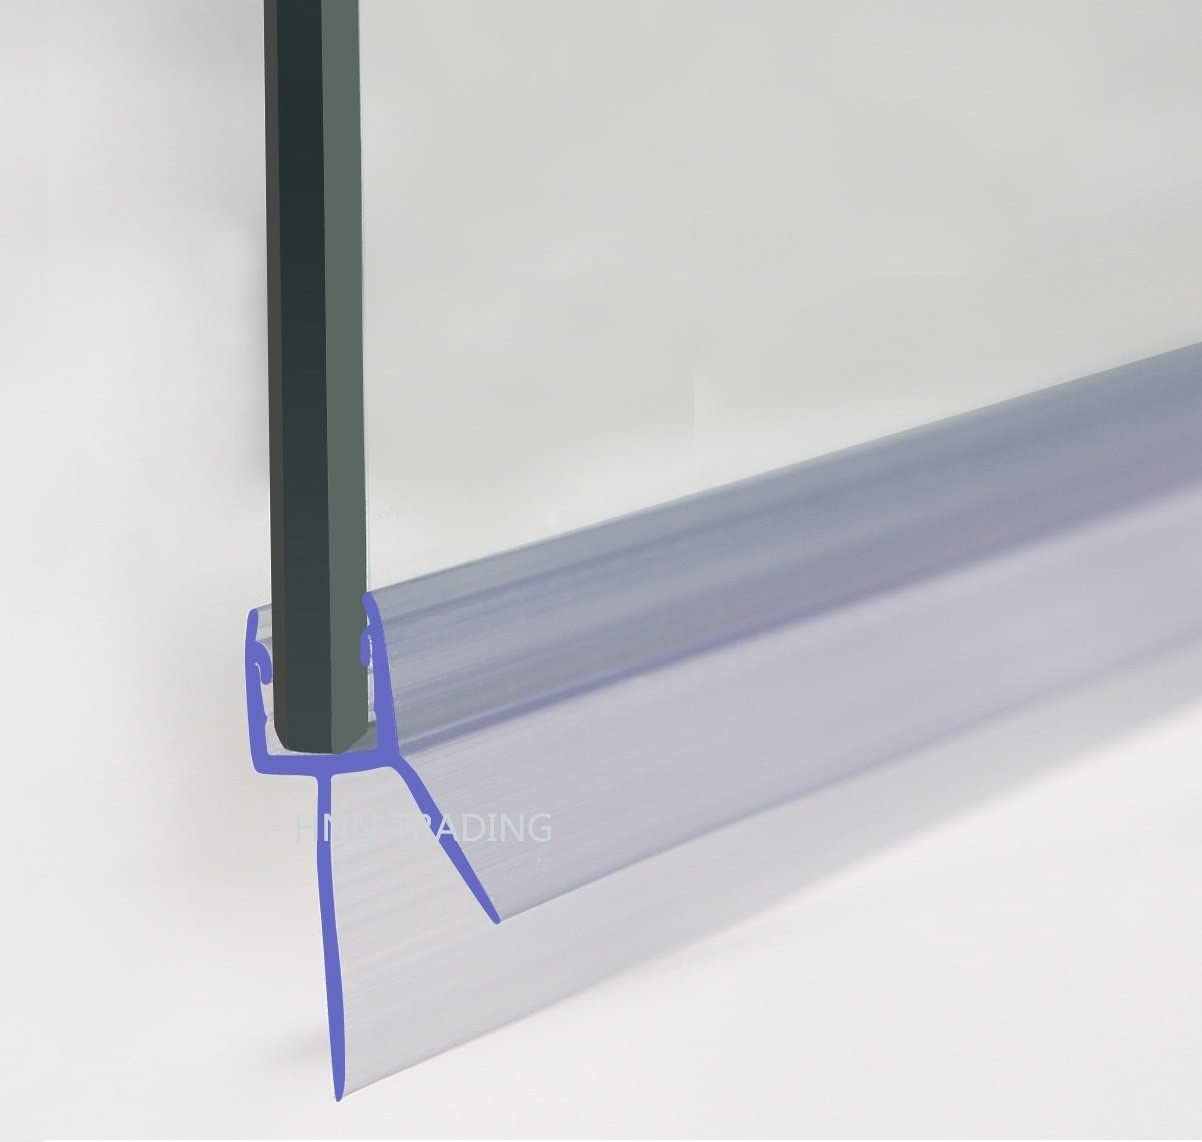 Daka - Junta para mampara de ducha (para cristal de 4-6 mm, espacio entre junta de 20 mm), color transparente: Amazon.es: Bricolaje y herramientas